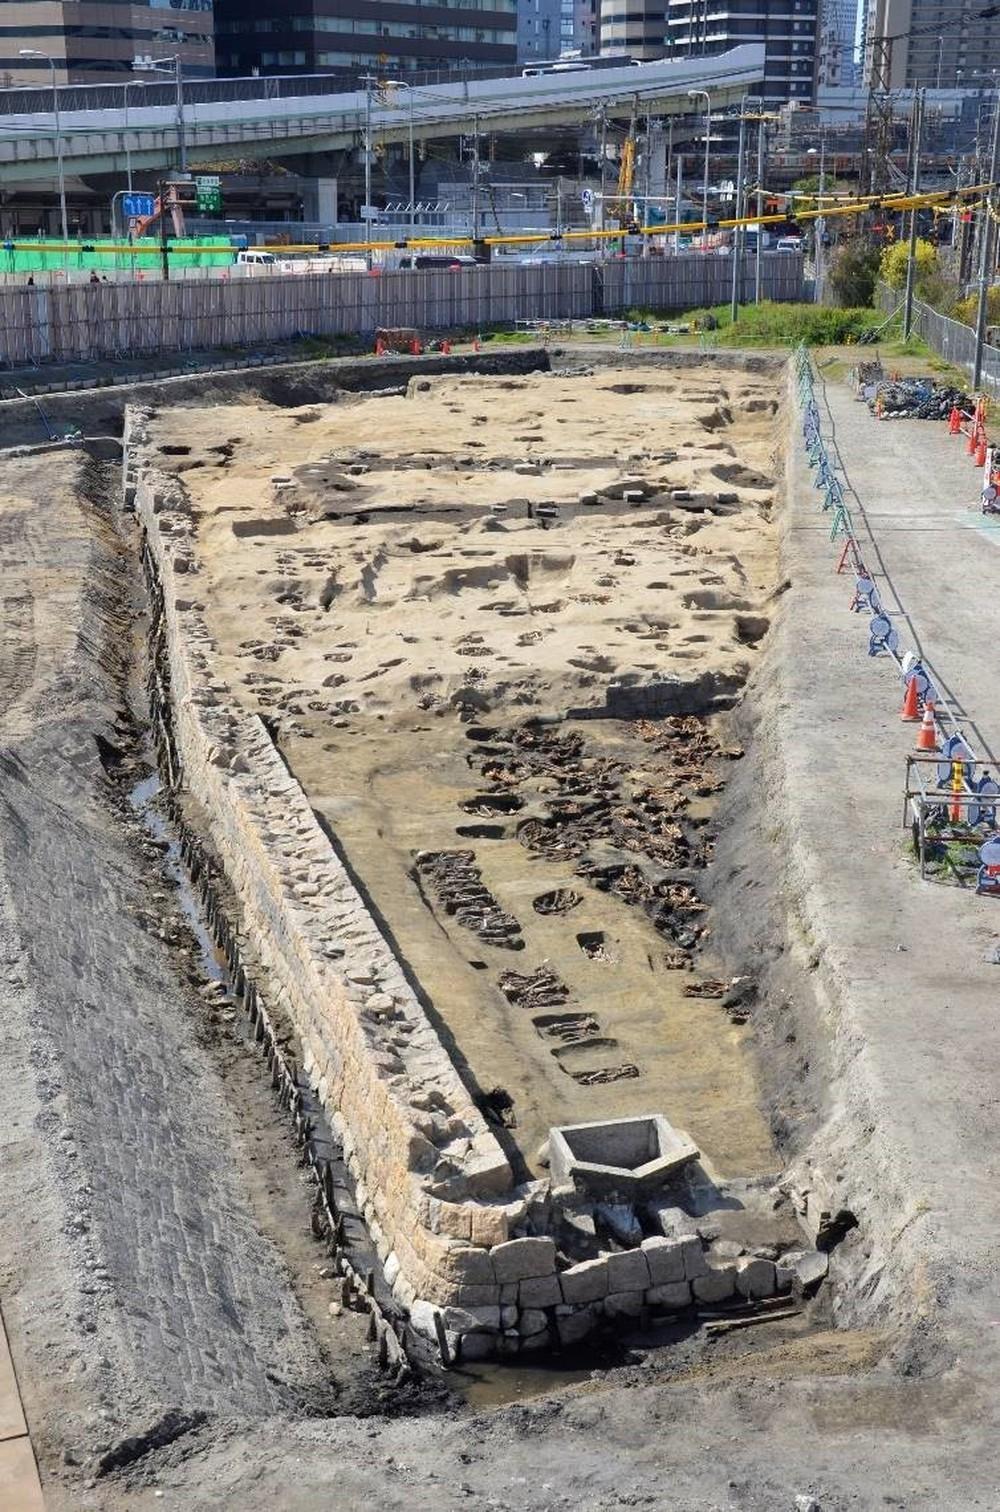 Phát hiện khu mộ lớn tại Nhật Bản chứa 1.500 hài cốt - Ảnh 3.